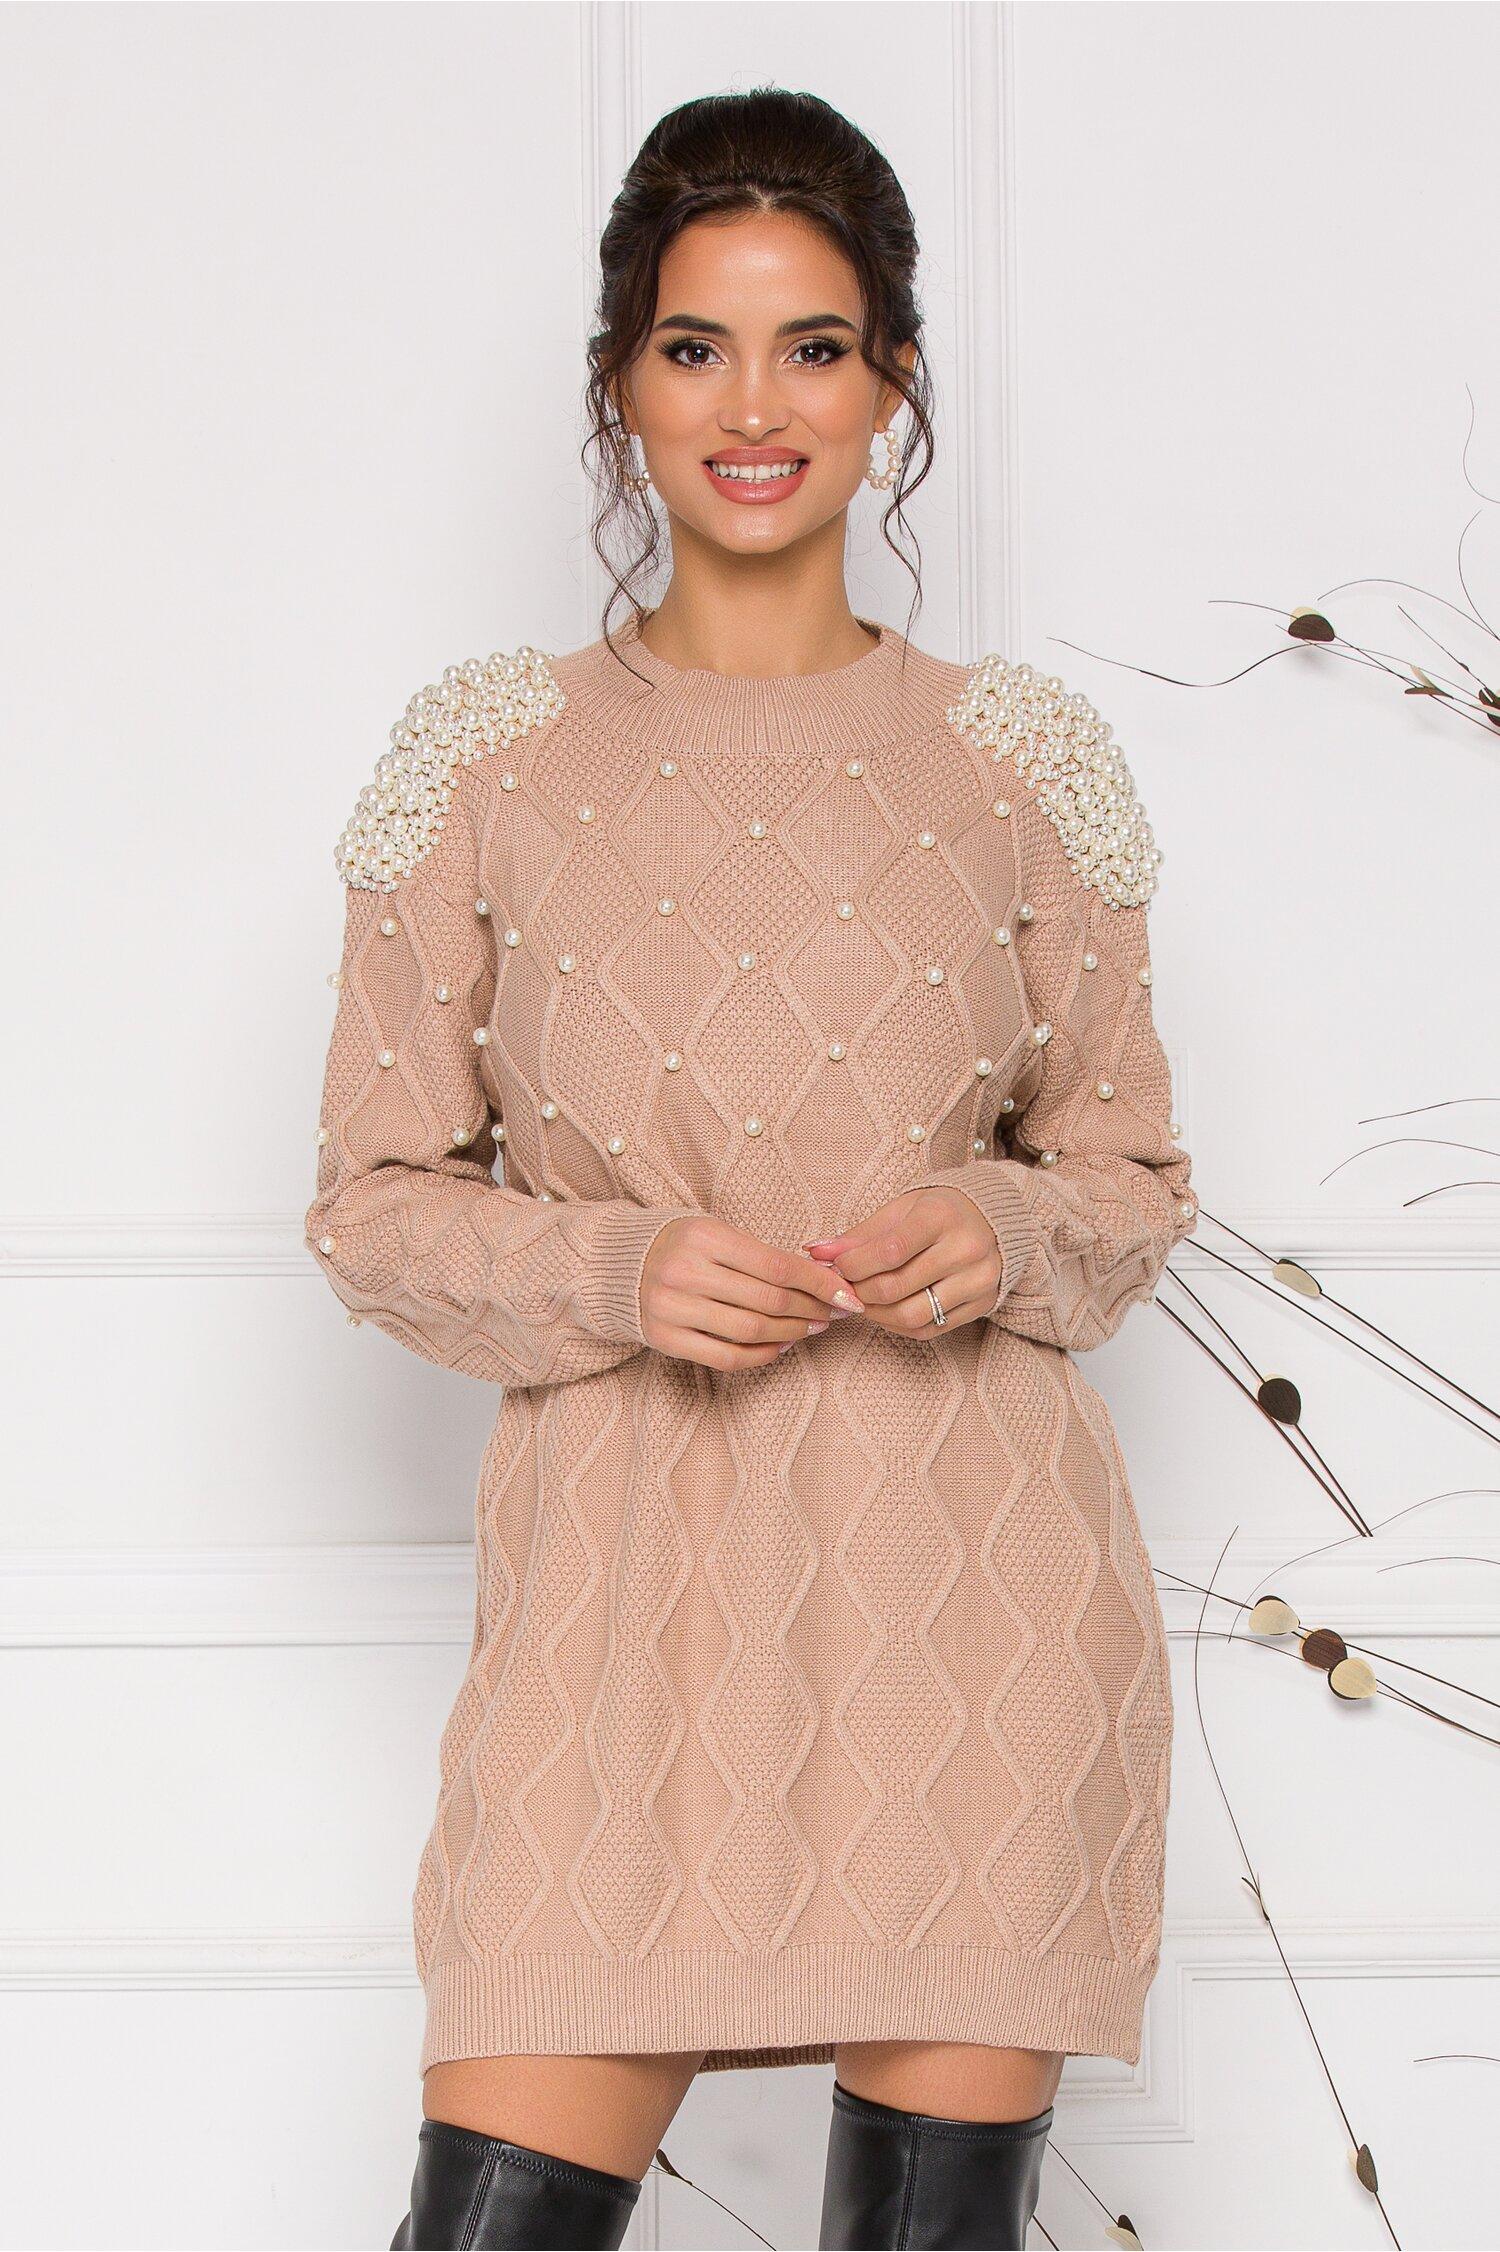 Rochie Pearl maro deschis din tricot accesorizata cu perlute imagine